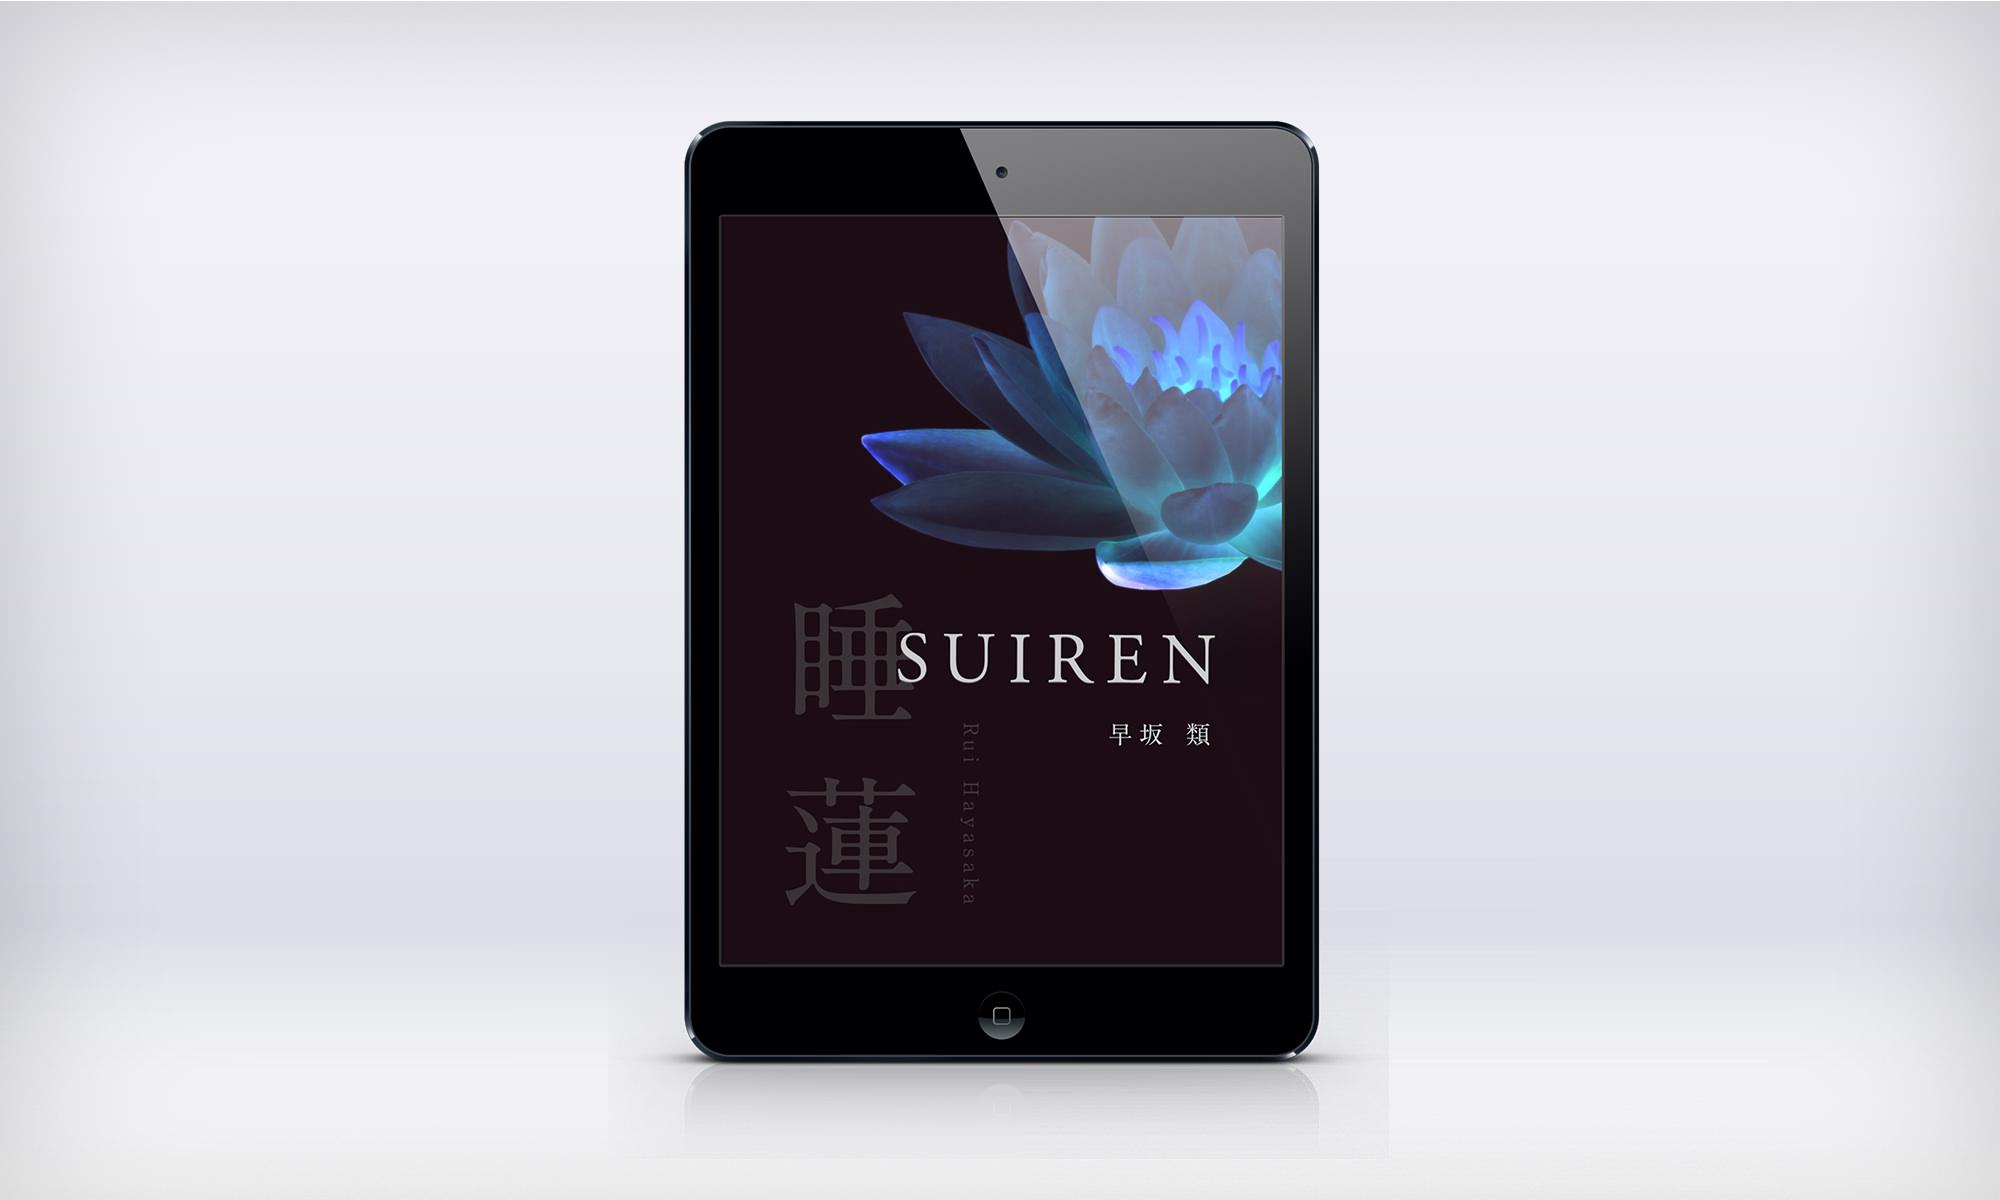 suiren-book